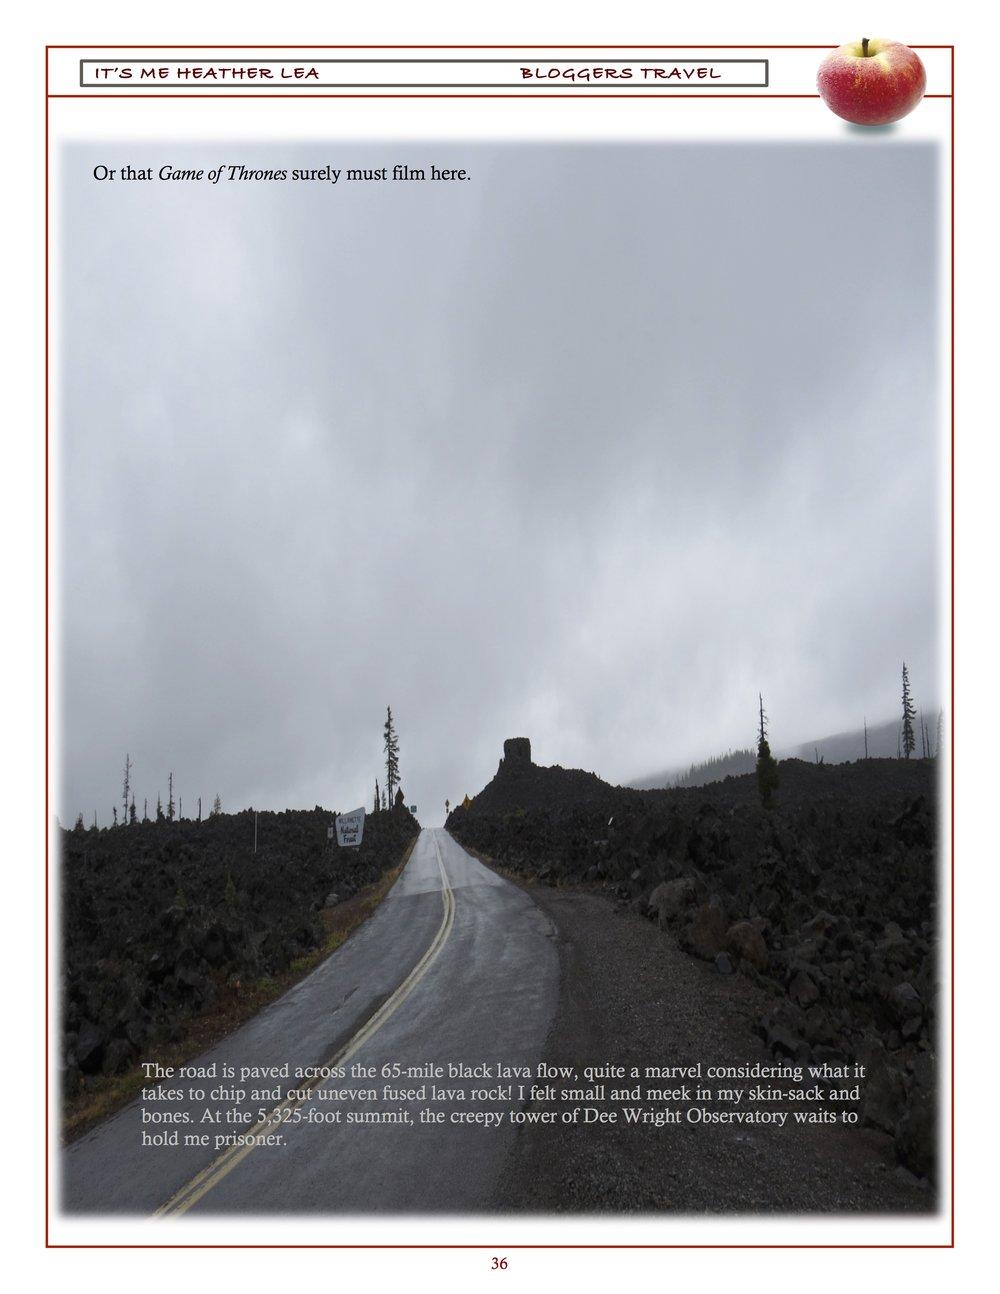 CO Trip Newsletter Revised 36.jpg